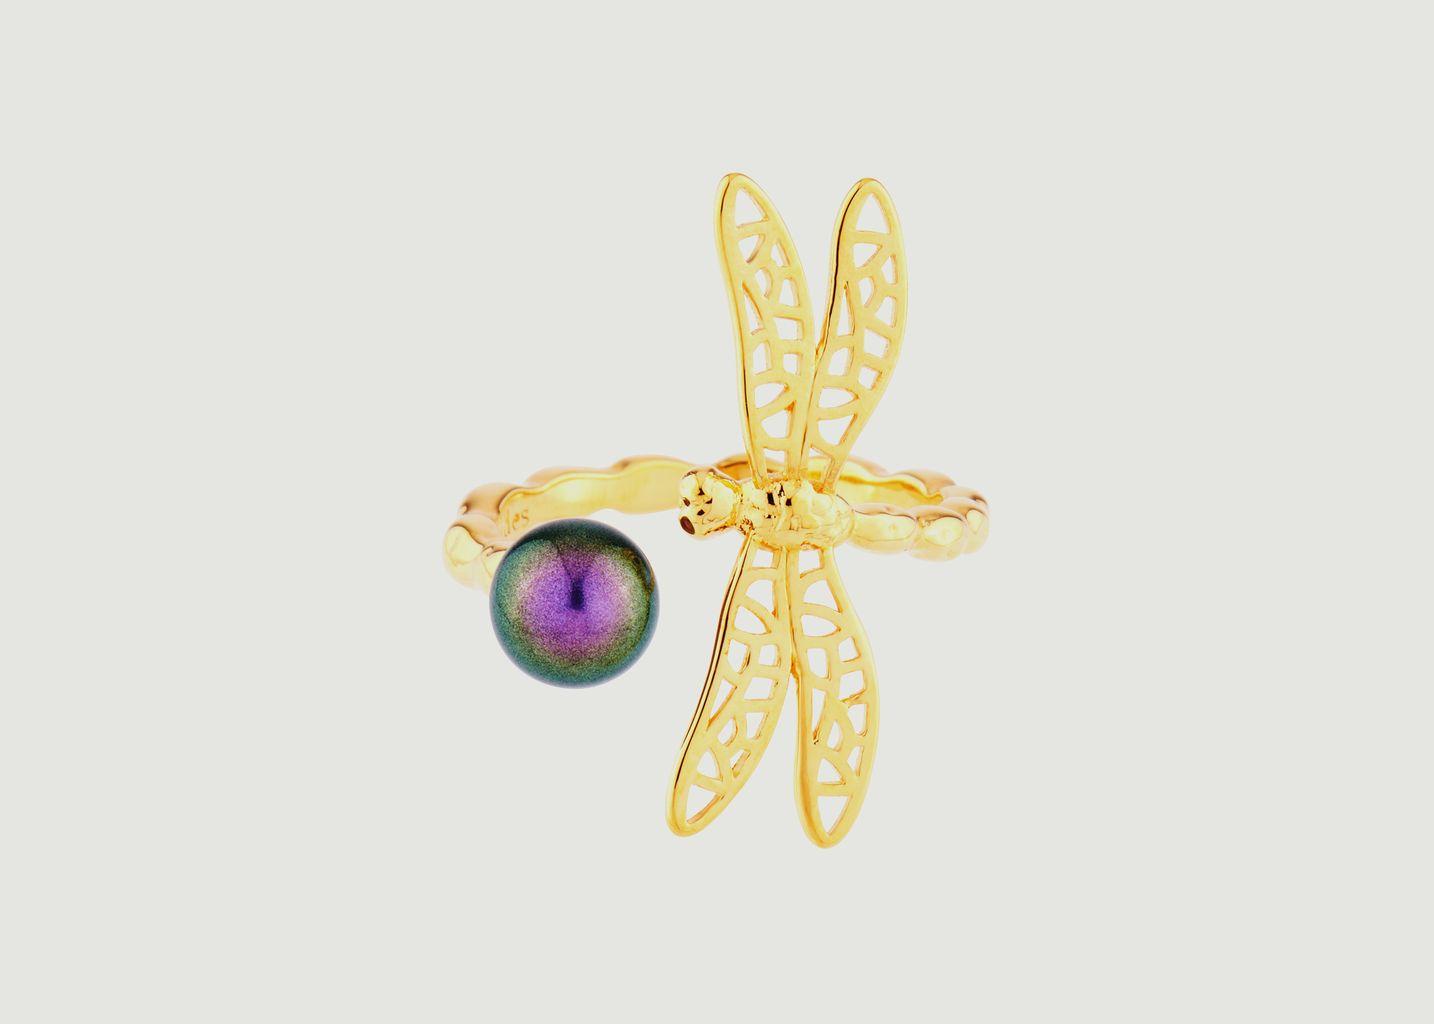 Bague ajustable petite libellule et perle iridescente - Les Néréides